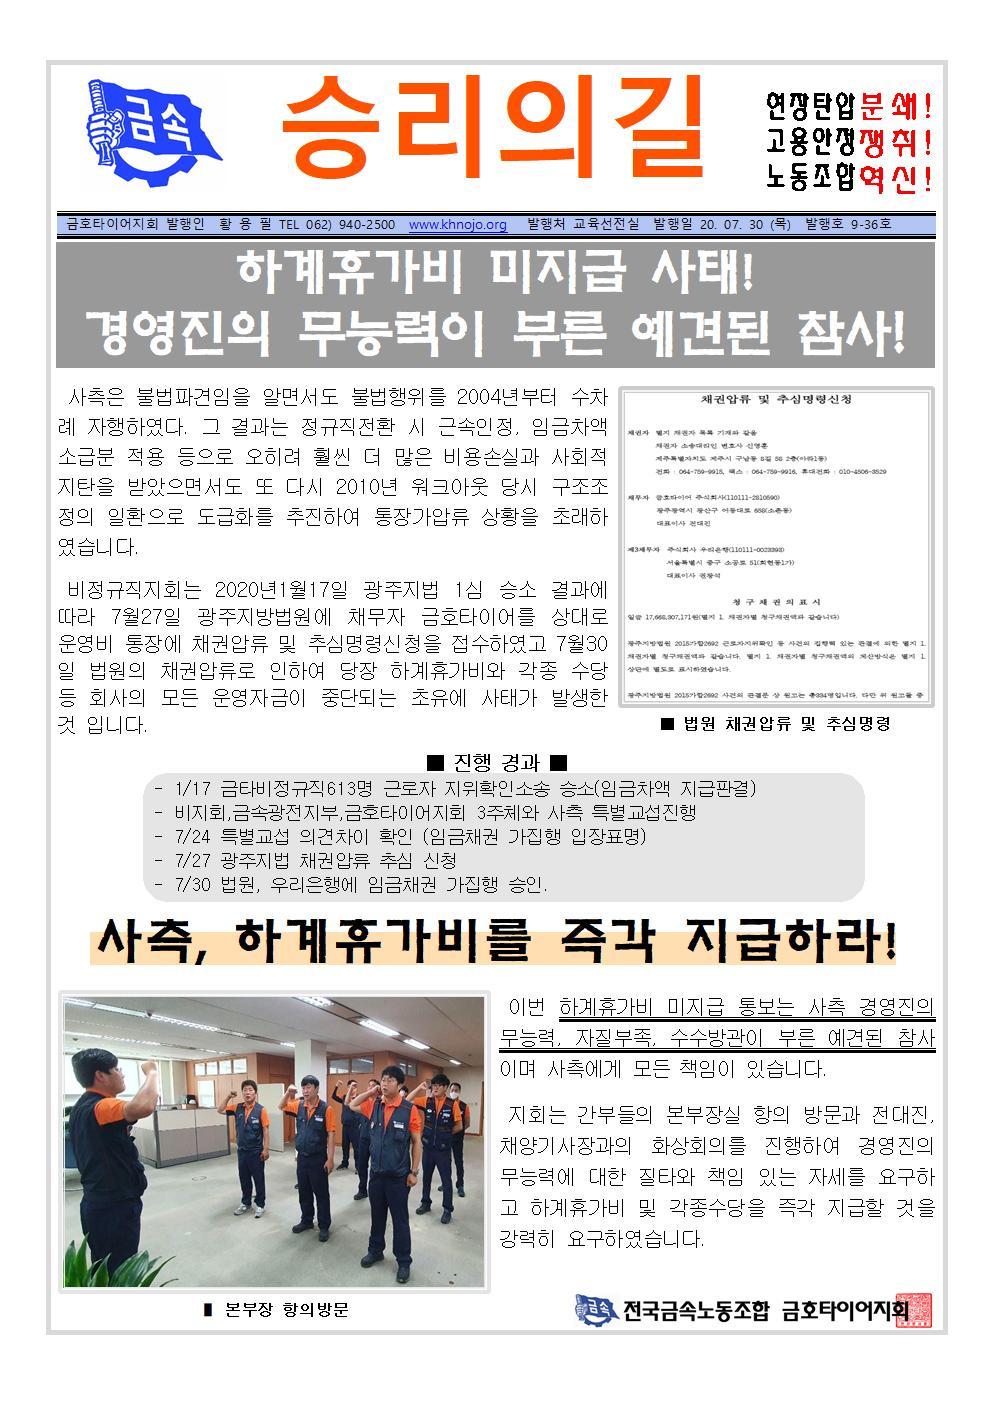 9-36호 휴가비(확정) 미지급001.jpg